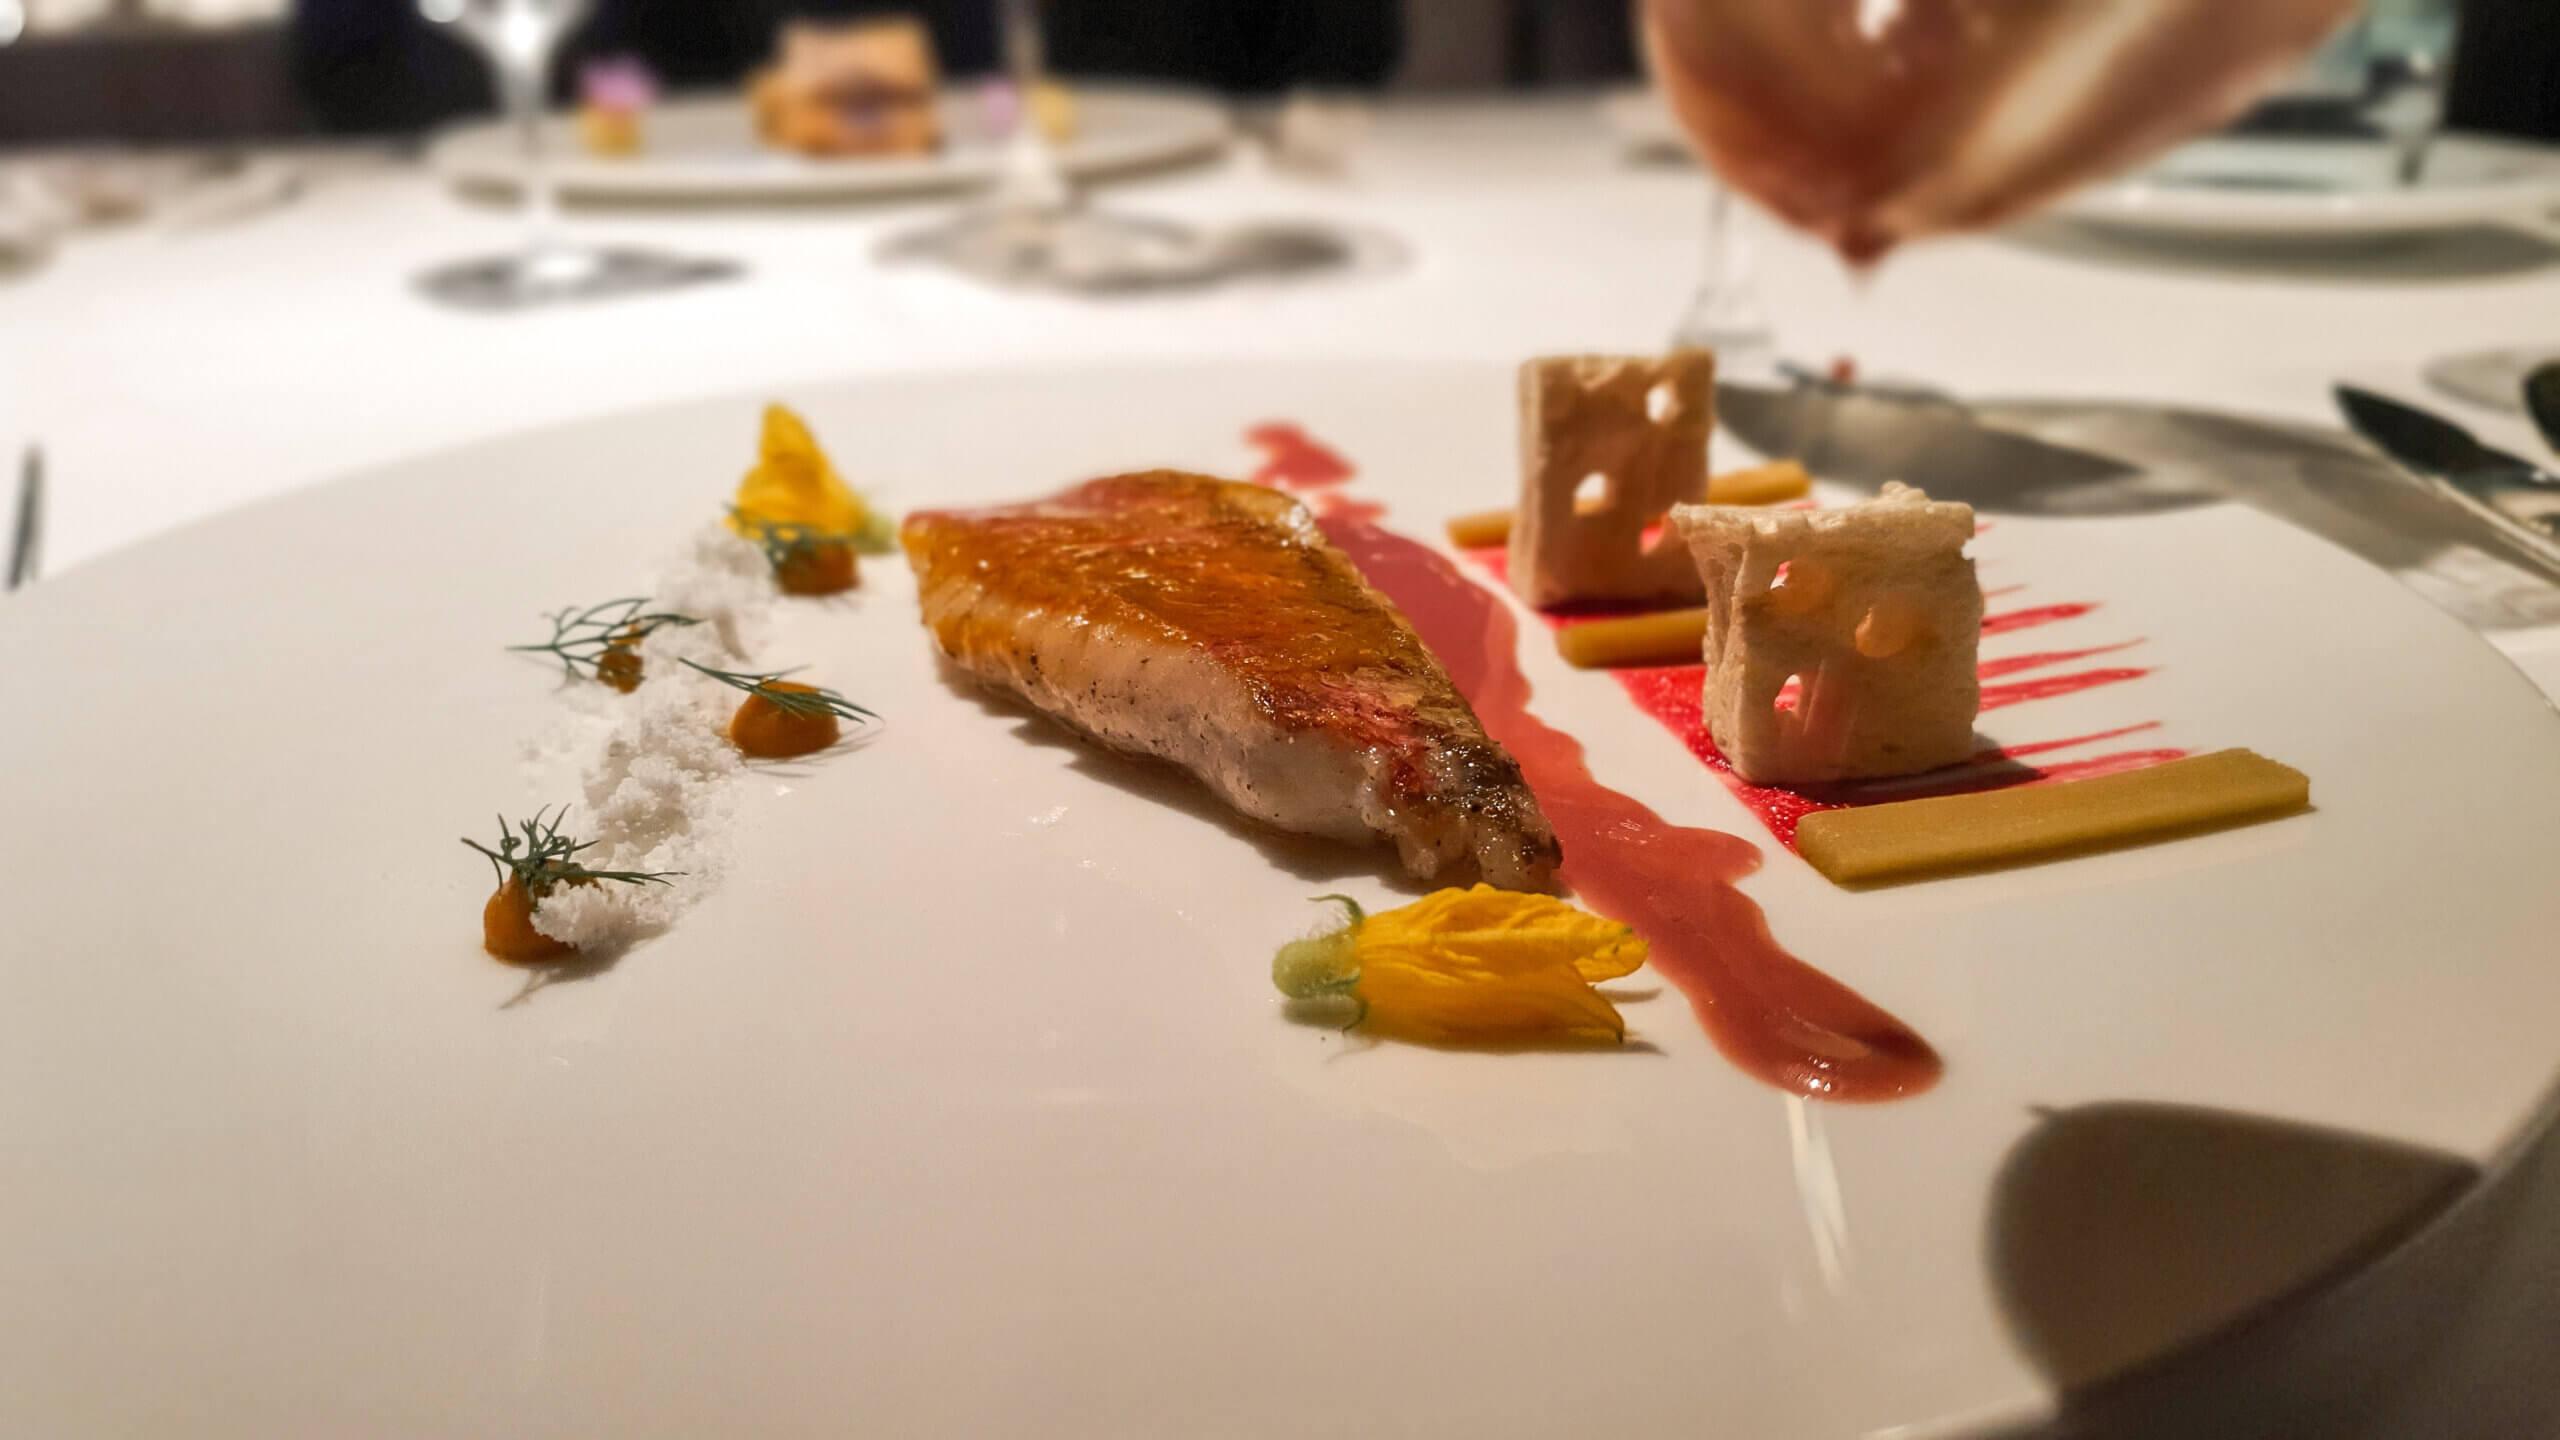 Rotbarbenconfit mit Kokosnusspulver und Krautsterntang im 3-Sterne Restaurant Arzak in San Sebastián